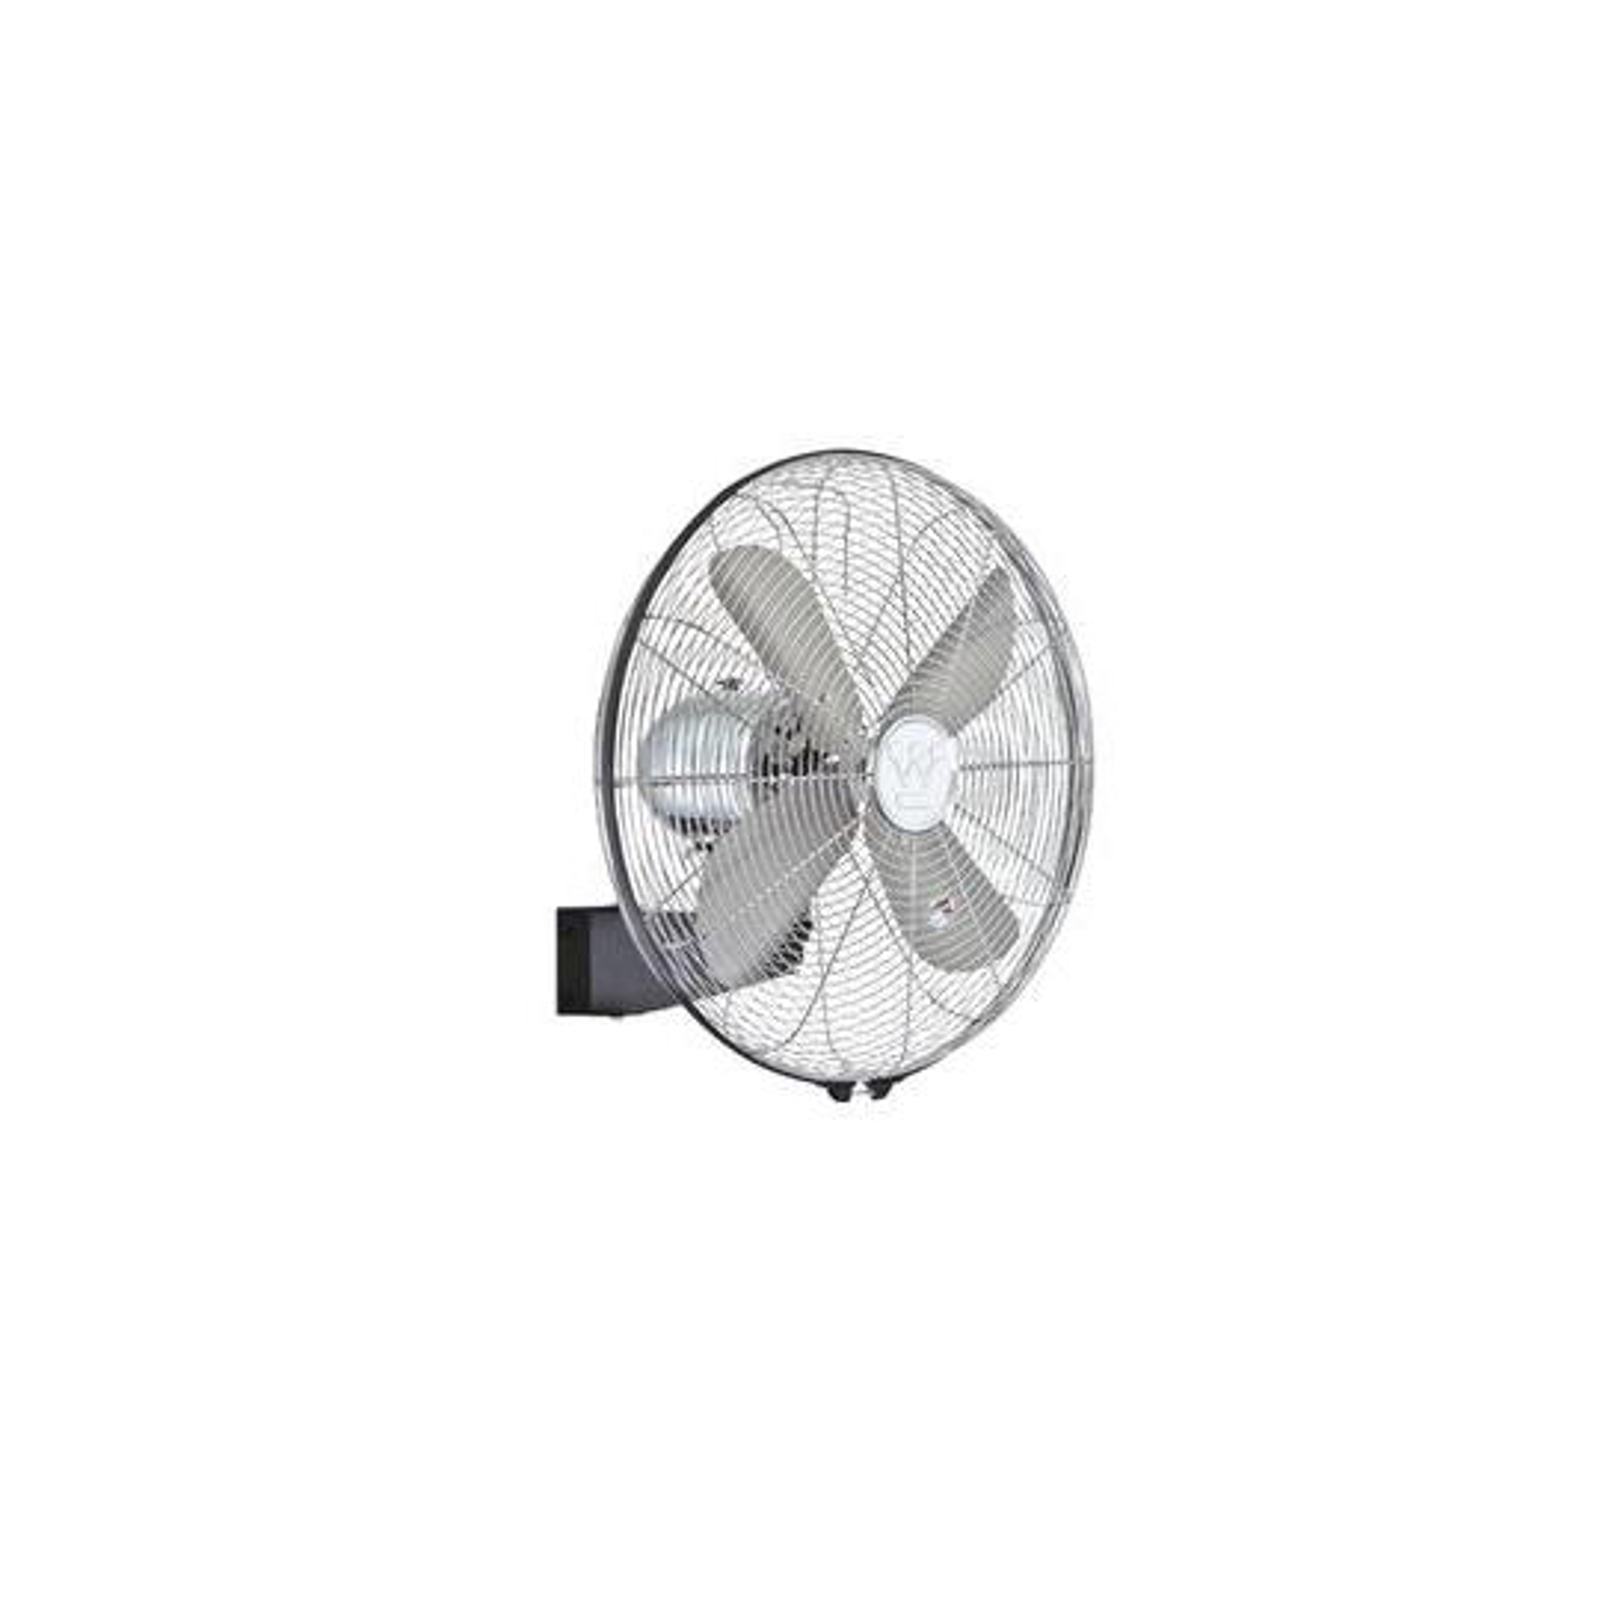 Ventilador de pie convertible Silver Stream 3 en 1